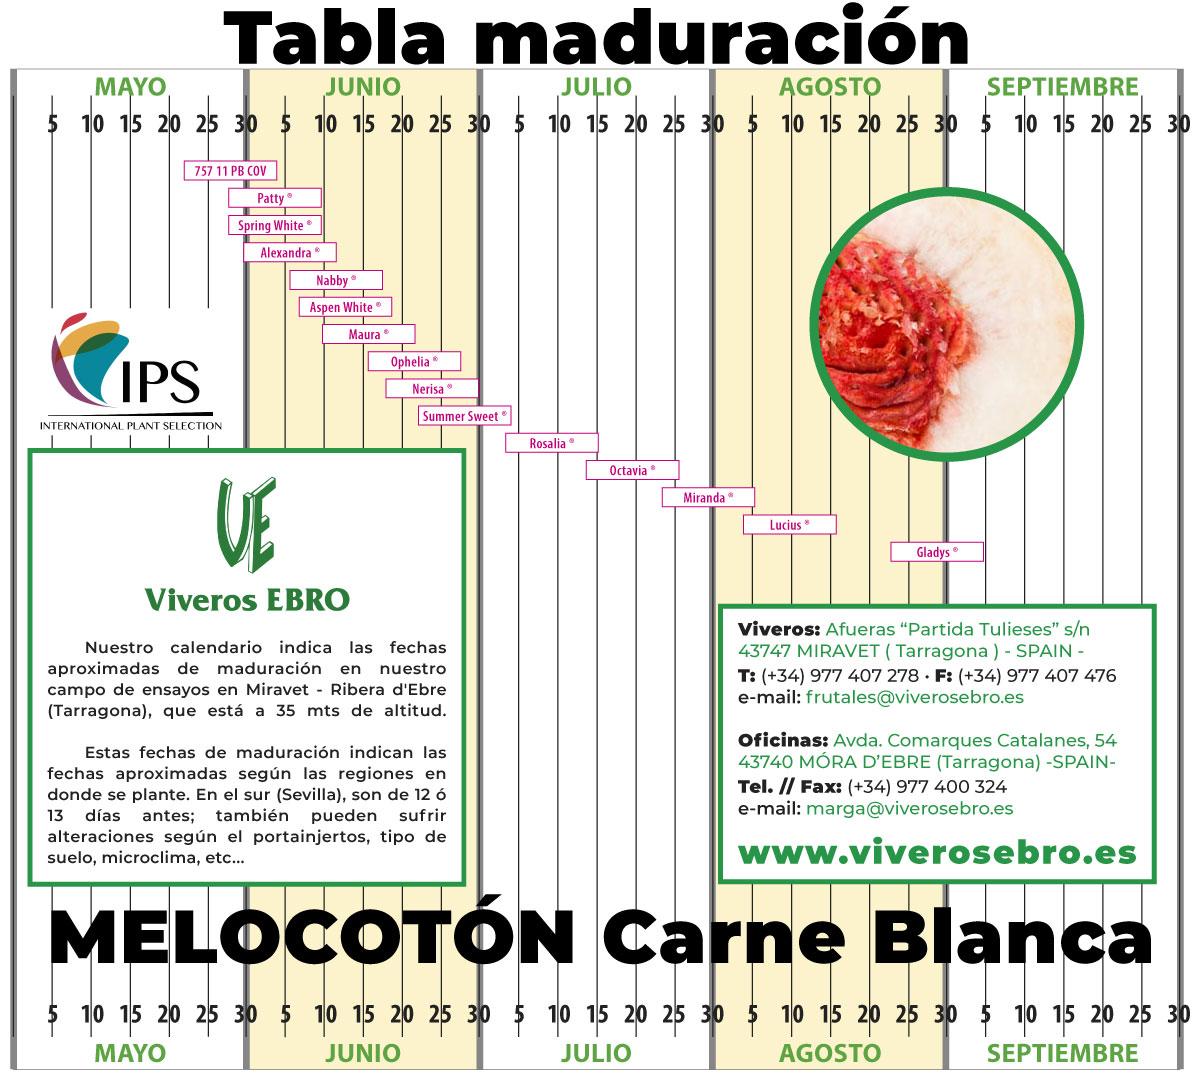 Cuadro Maduracion Melocoton Carne Blanca 2021